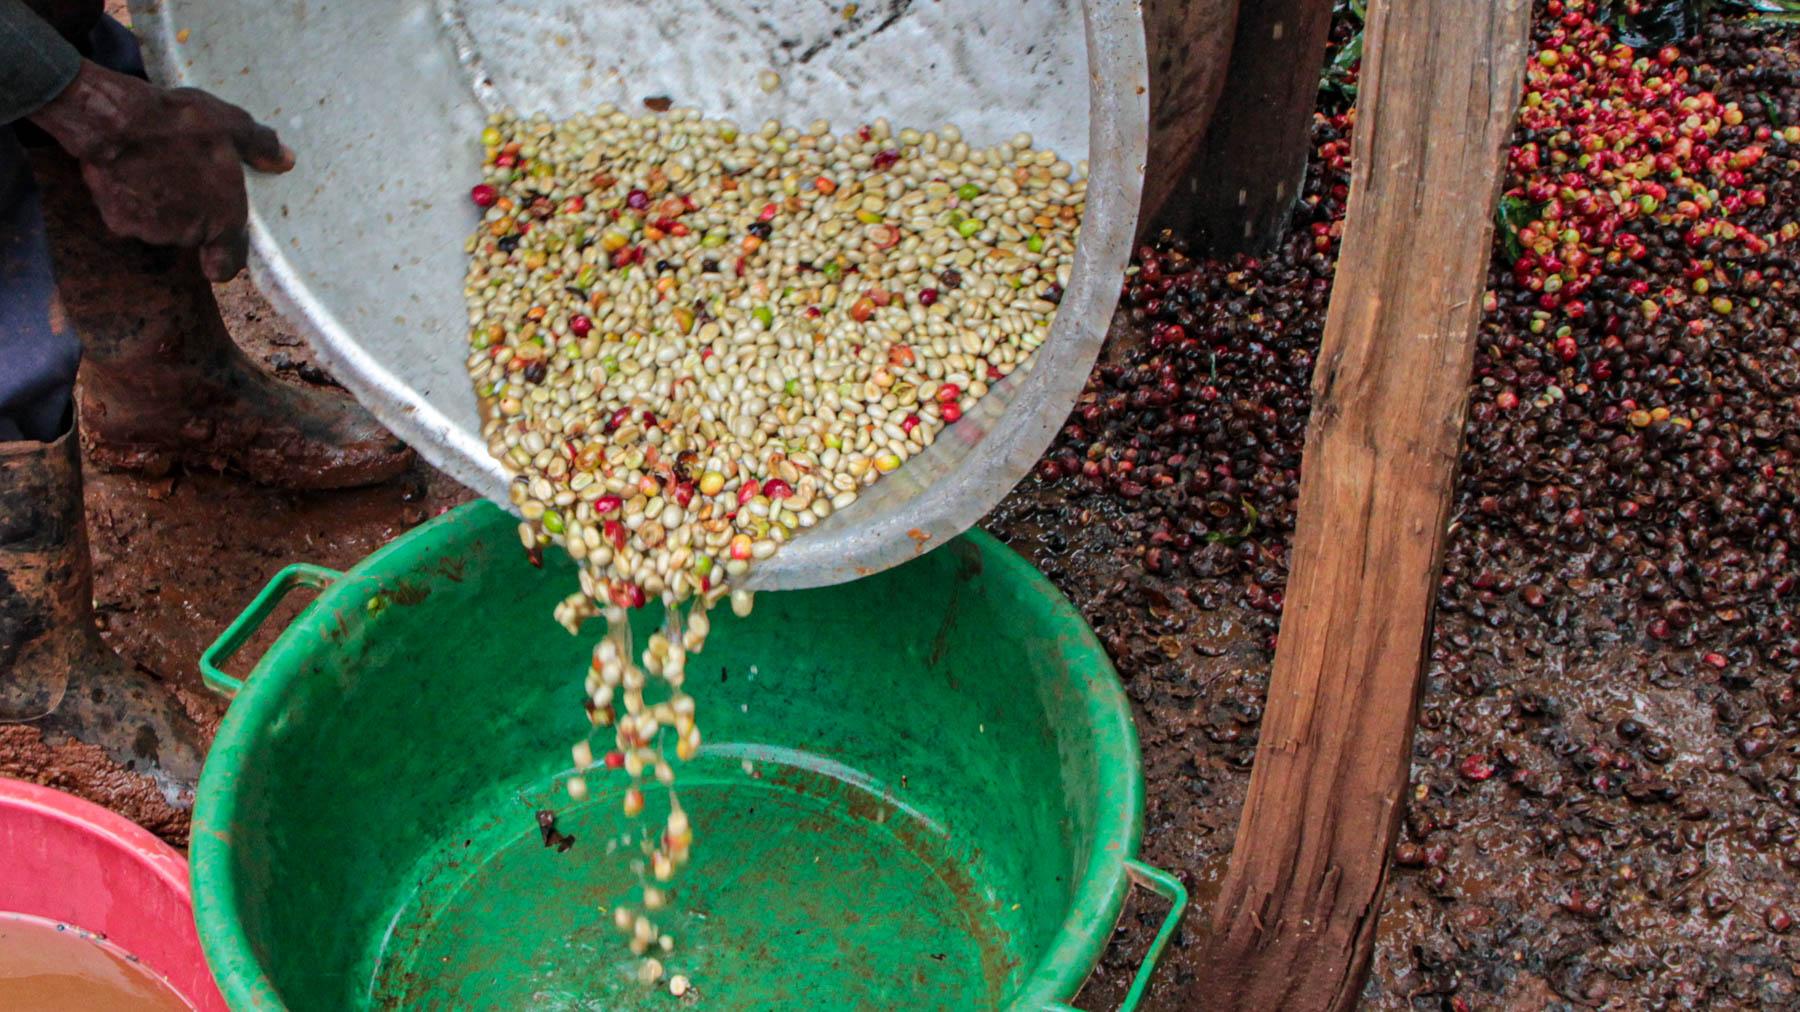 Reste des Fruchtfleisches müssen später aussortiert werden.